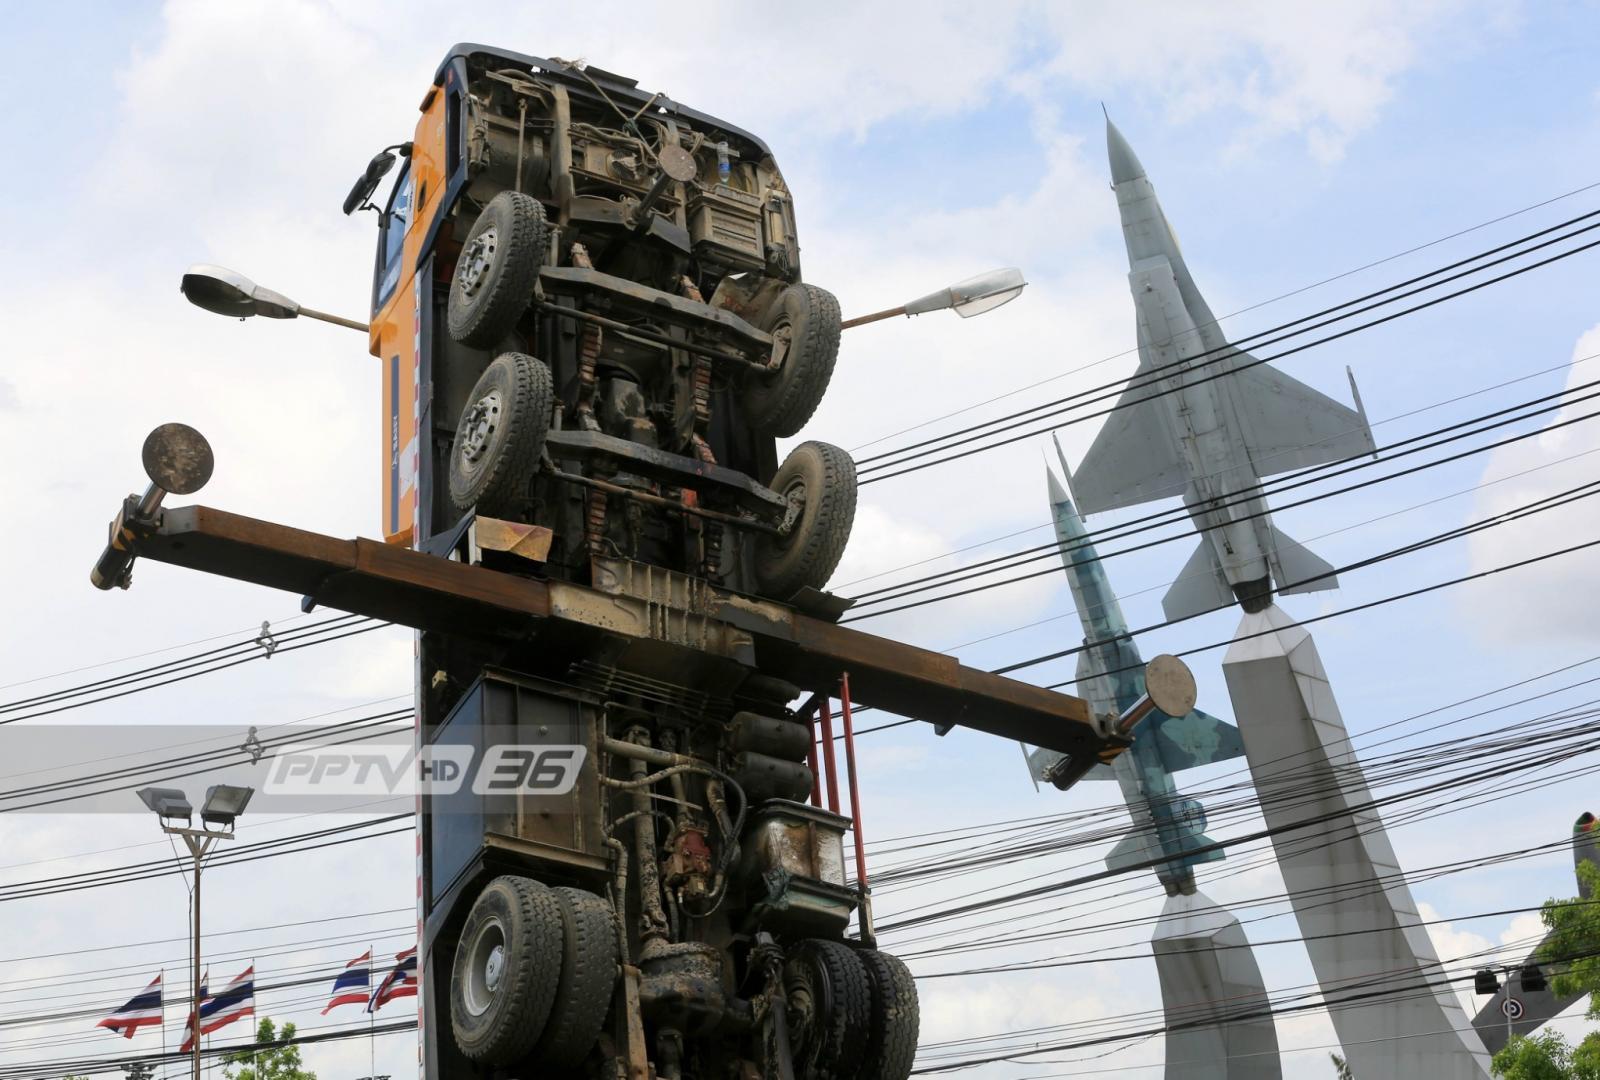 อะเมซิ่งไทยแลนด์! รถเครนชี้ฟ้าหงายหน้าสู้เครื่องบิน